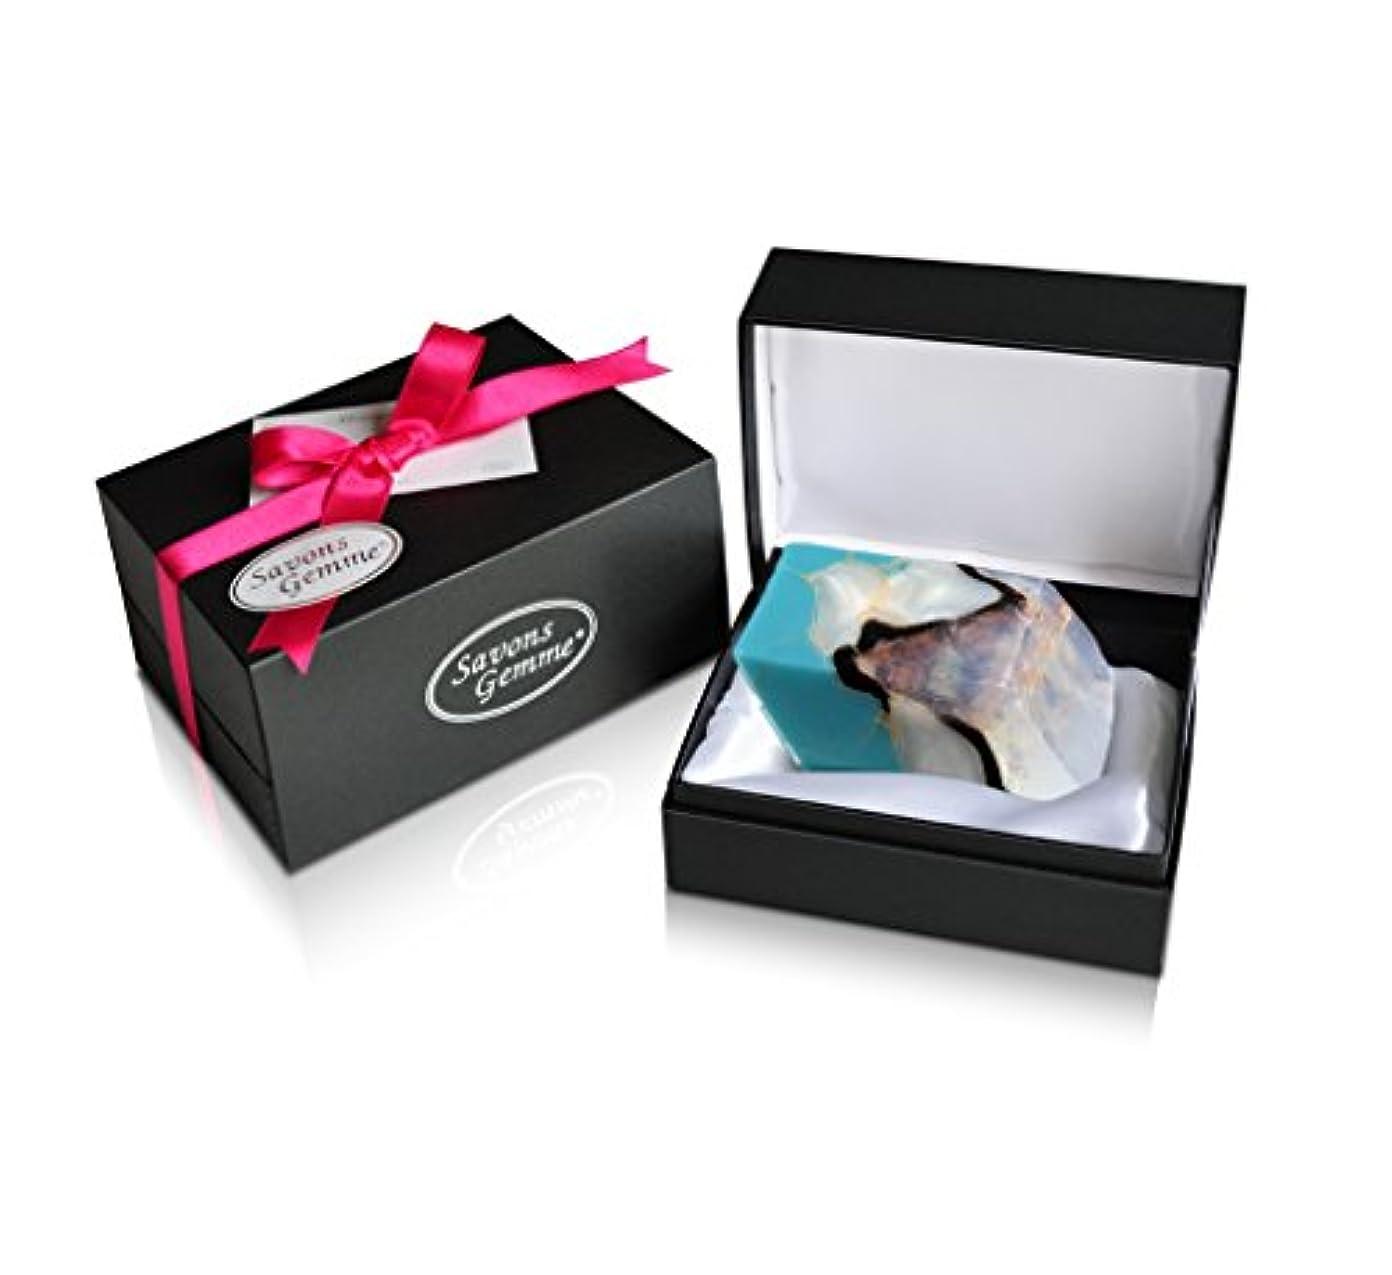 アブセイカテナ忠実Savons Gemme サボンジェム ジュエリーギフトボックス 世界で一番美しい宝石石鹸 フレグランス ソープ ターコイズ 170g